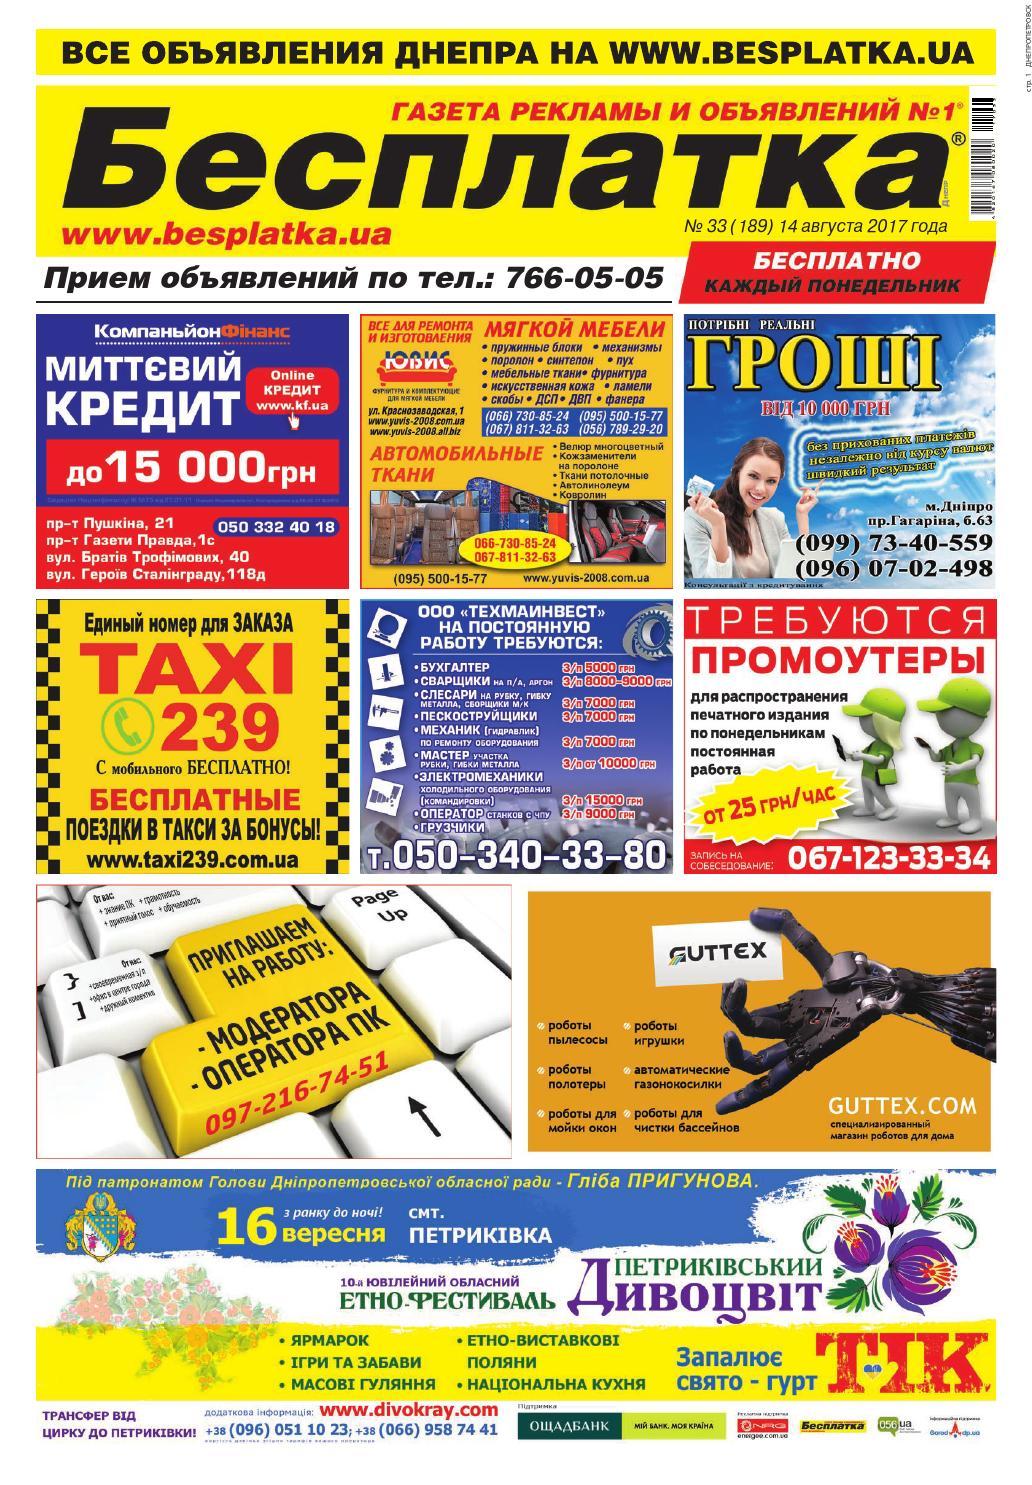 Besplatka  33 Днепр by besplatka ukraine - issuu 3669adad32903